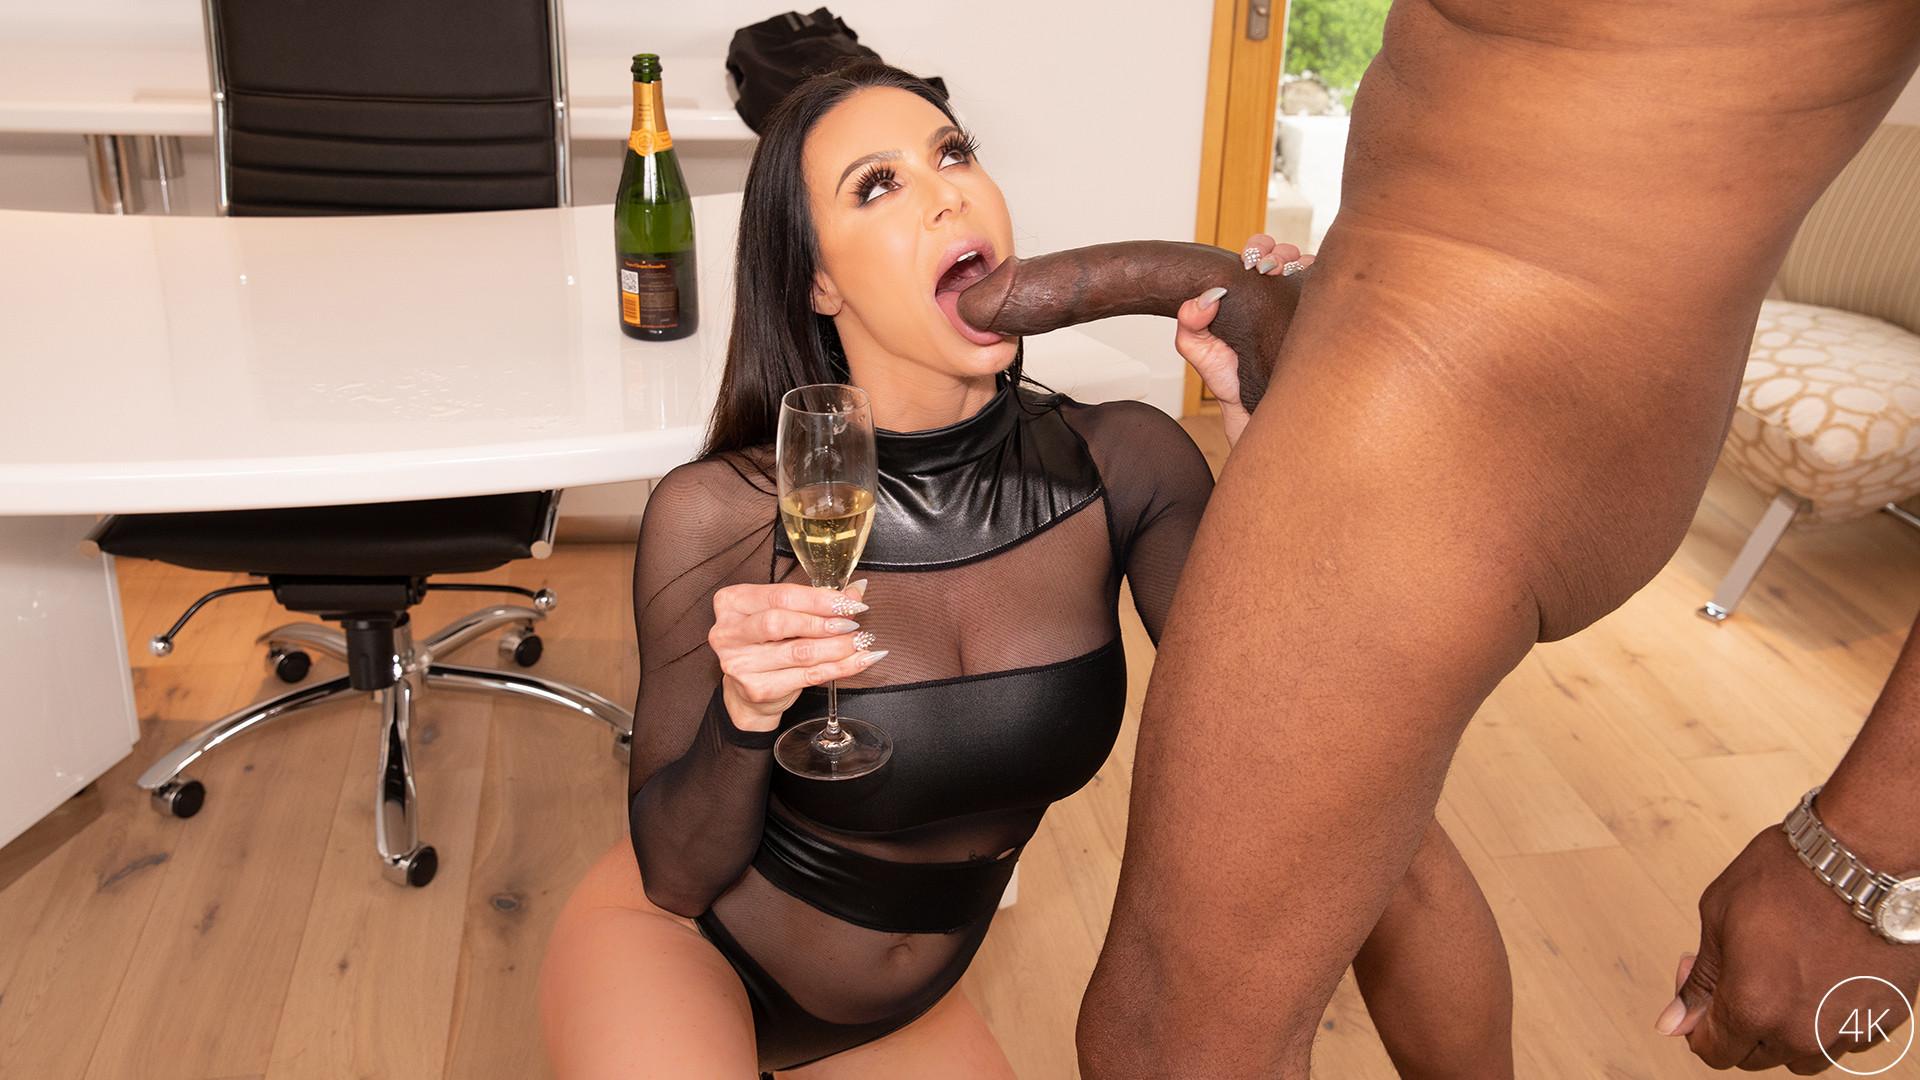 Big Tit MILF Star Kendra Lust Ha